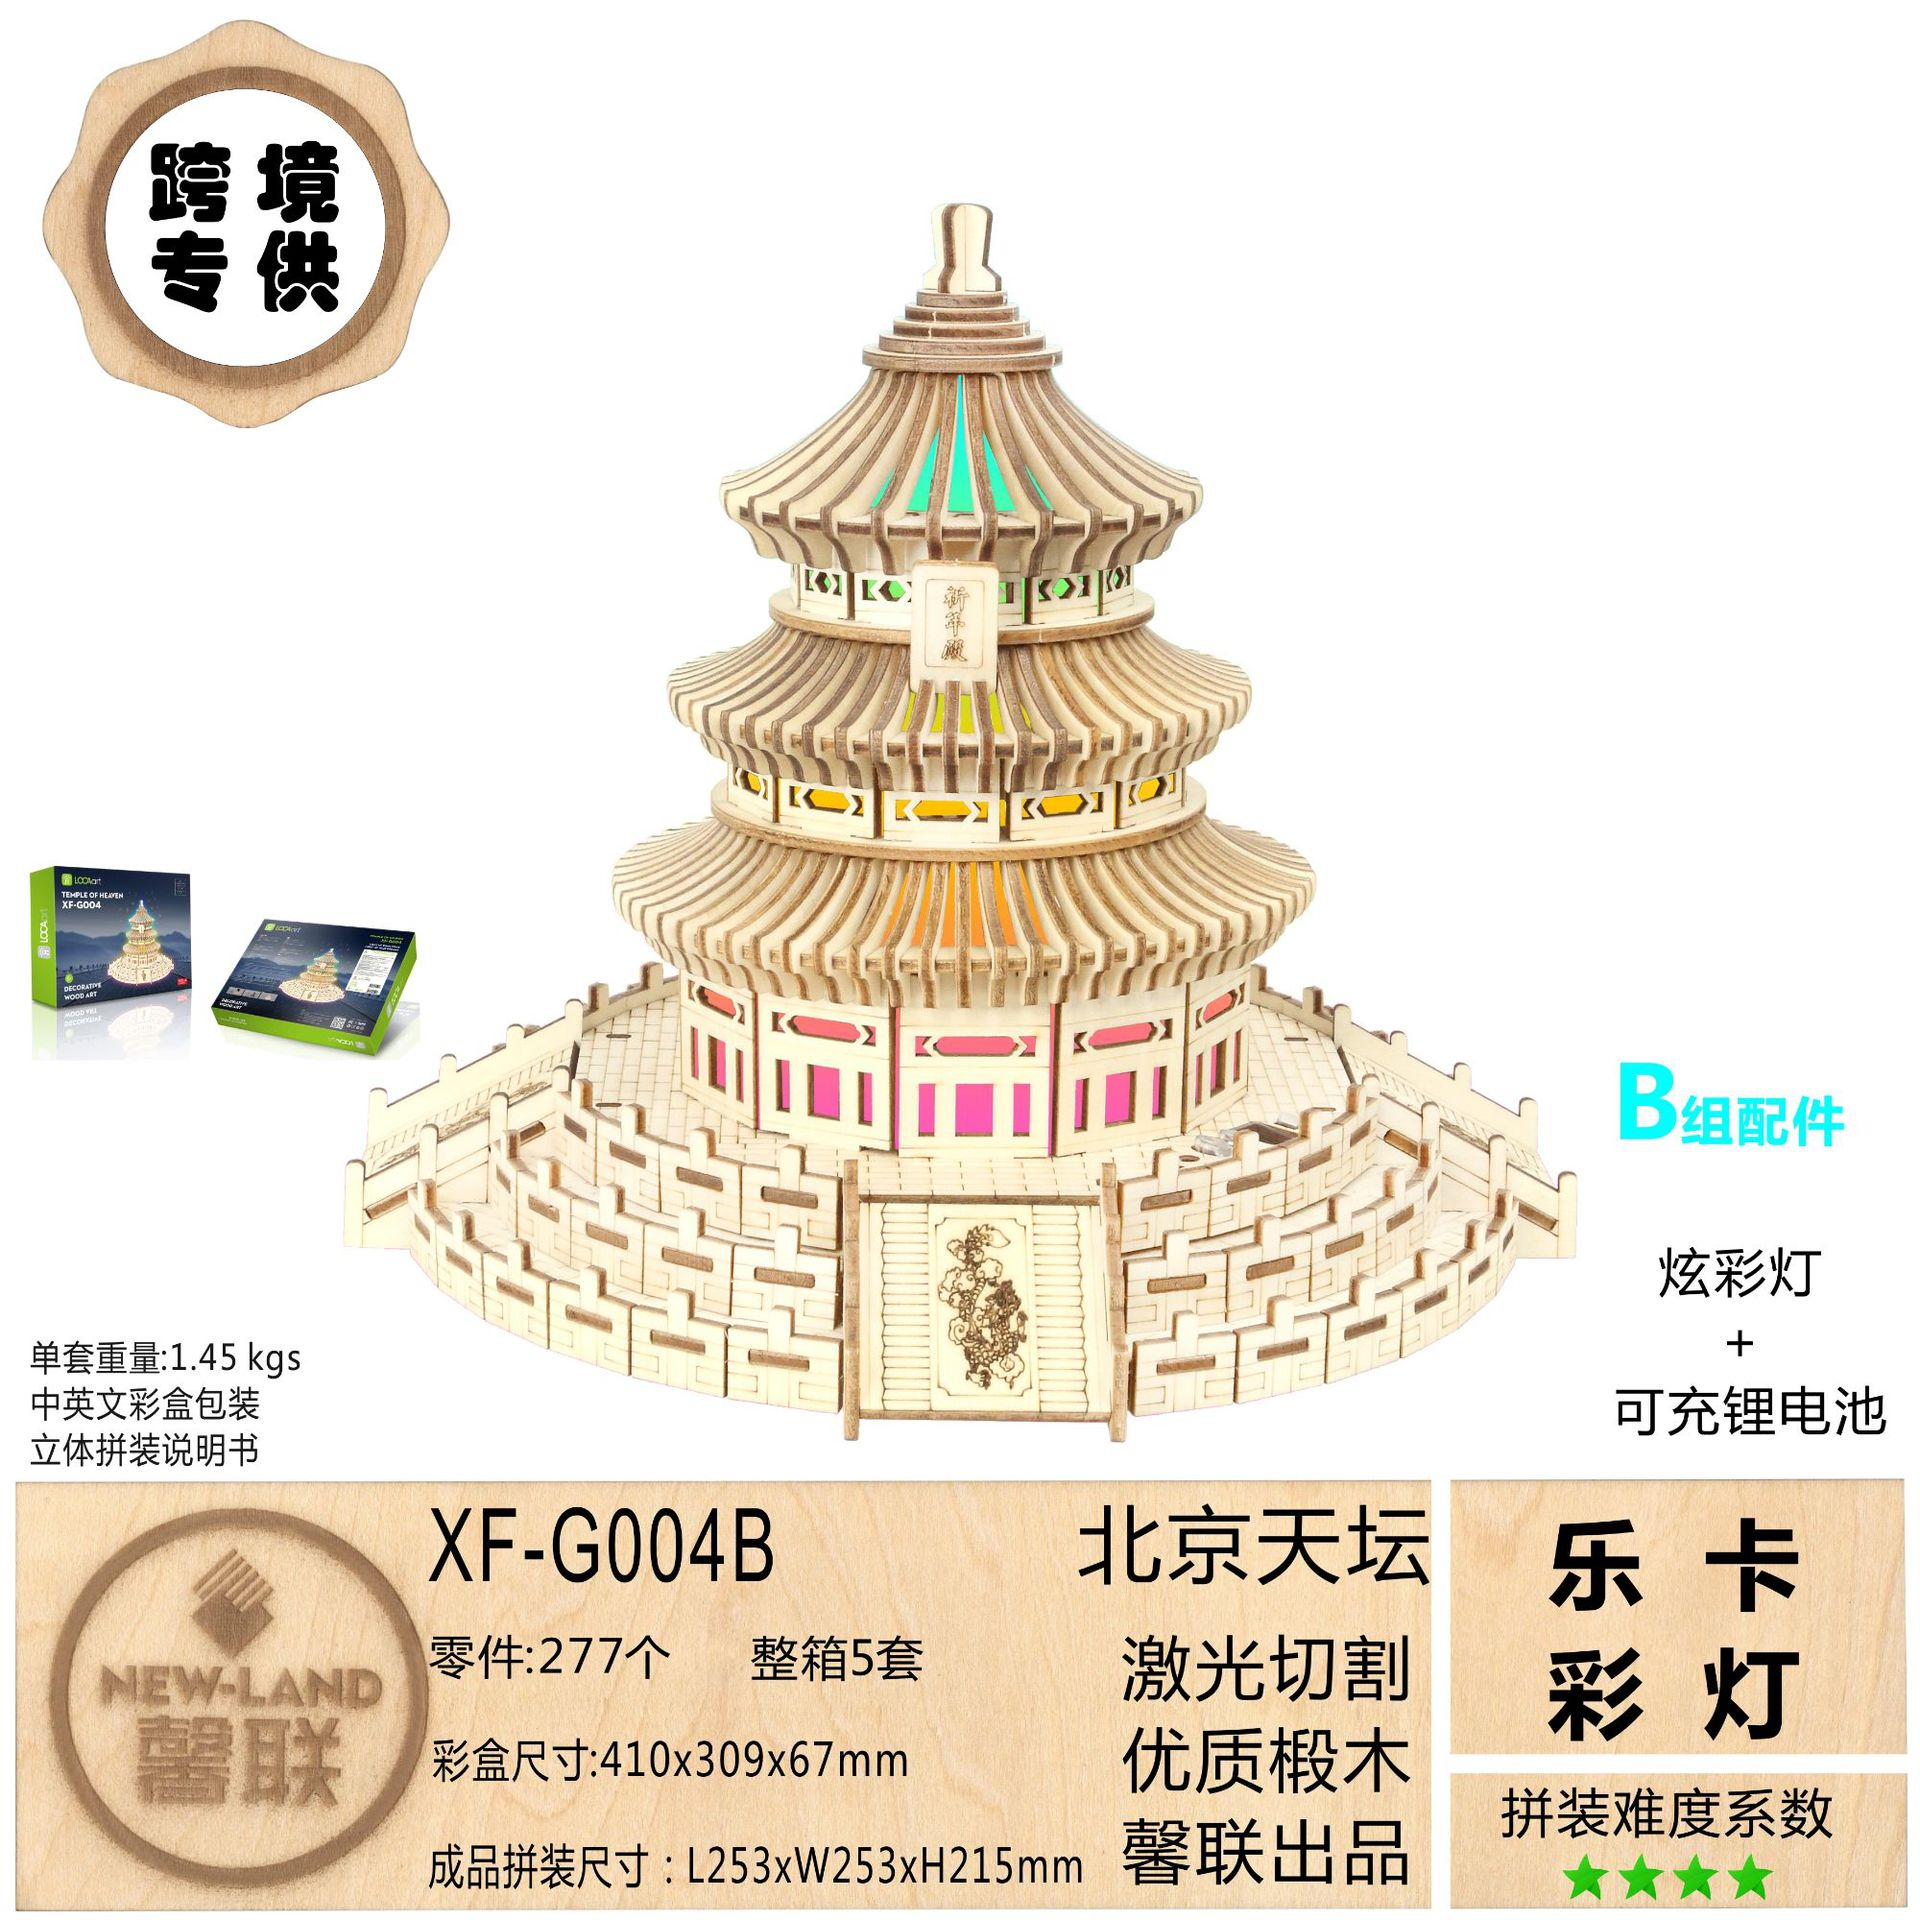 Xin Горячая продажа Tiantan красочные огни Деревянные 3D головоломки модель головоломки для взрослых архитектурная модель - 2